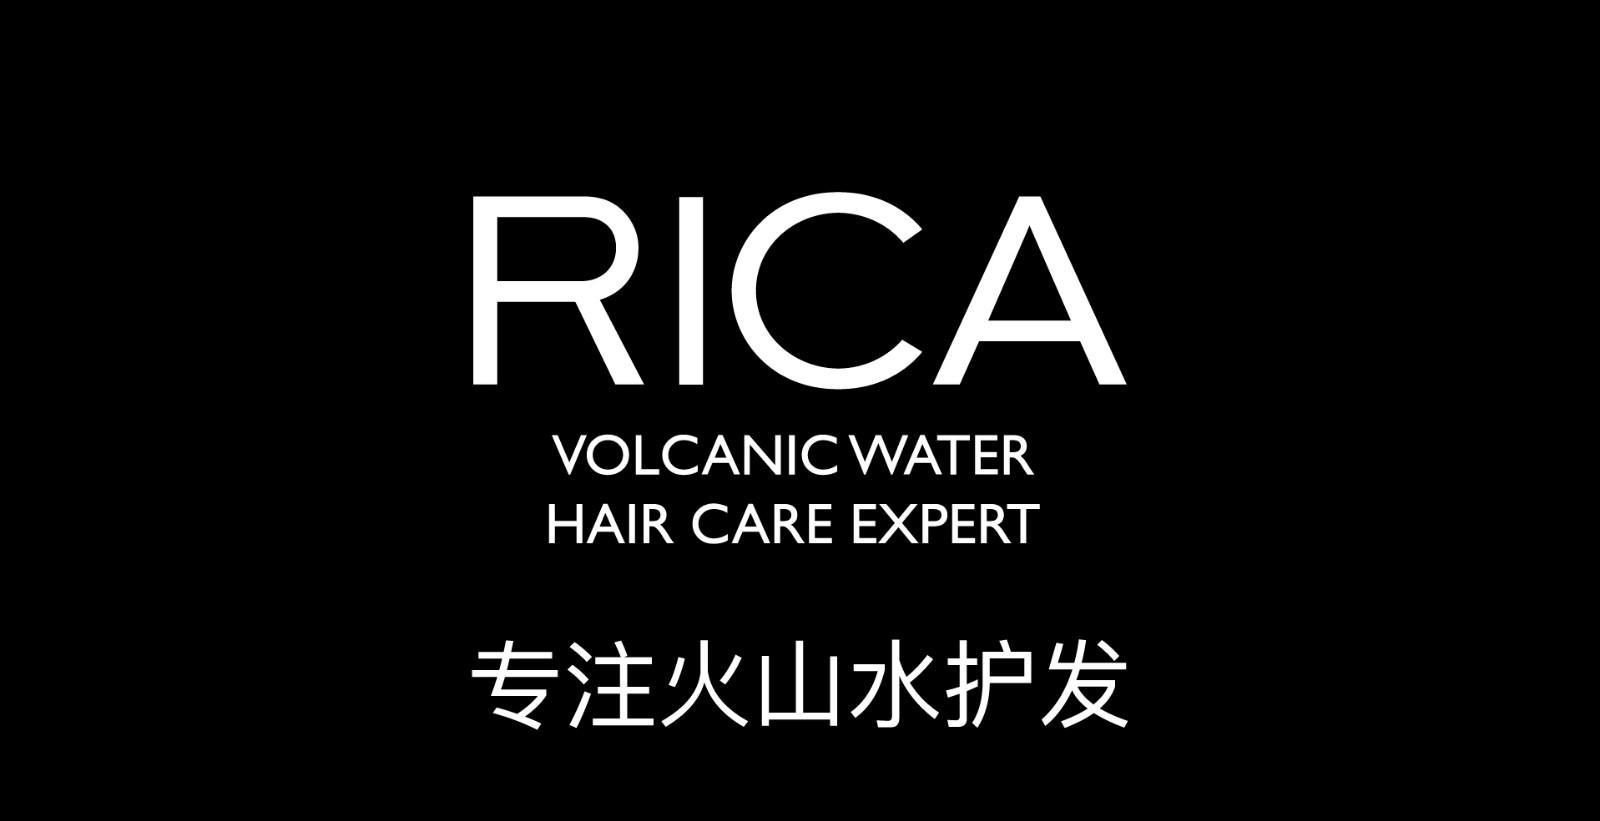 RICA芮逸嘉火山水